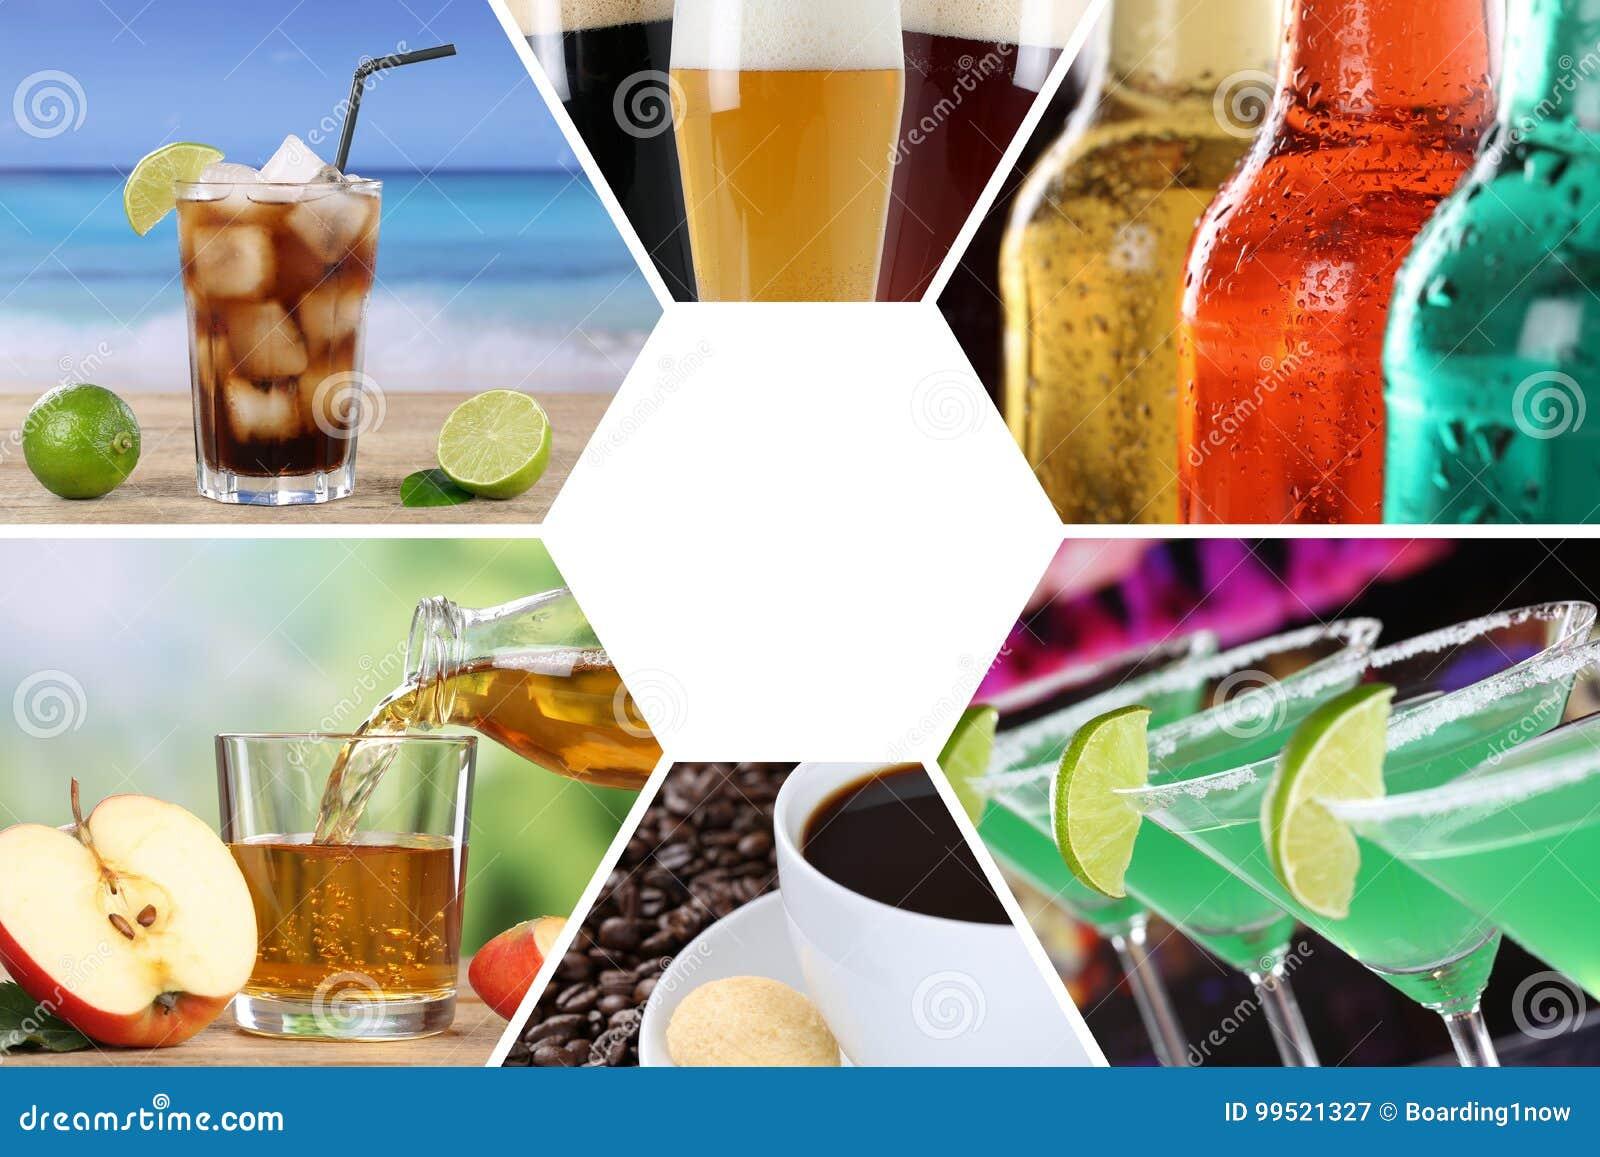 饮料菜单汇集拼贴画饮料喝餐馆酒吧